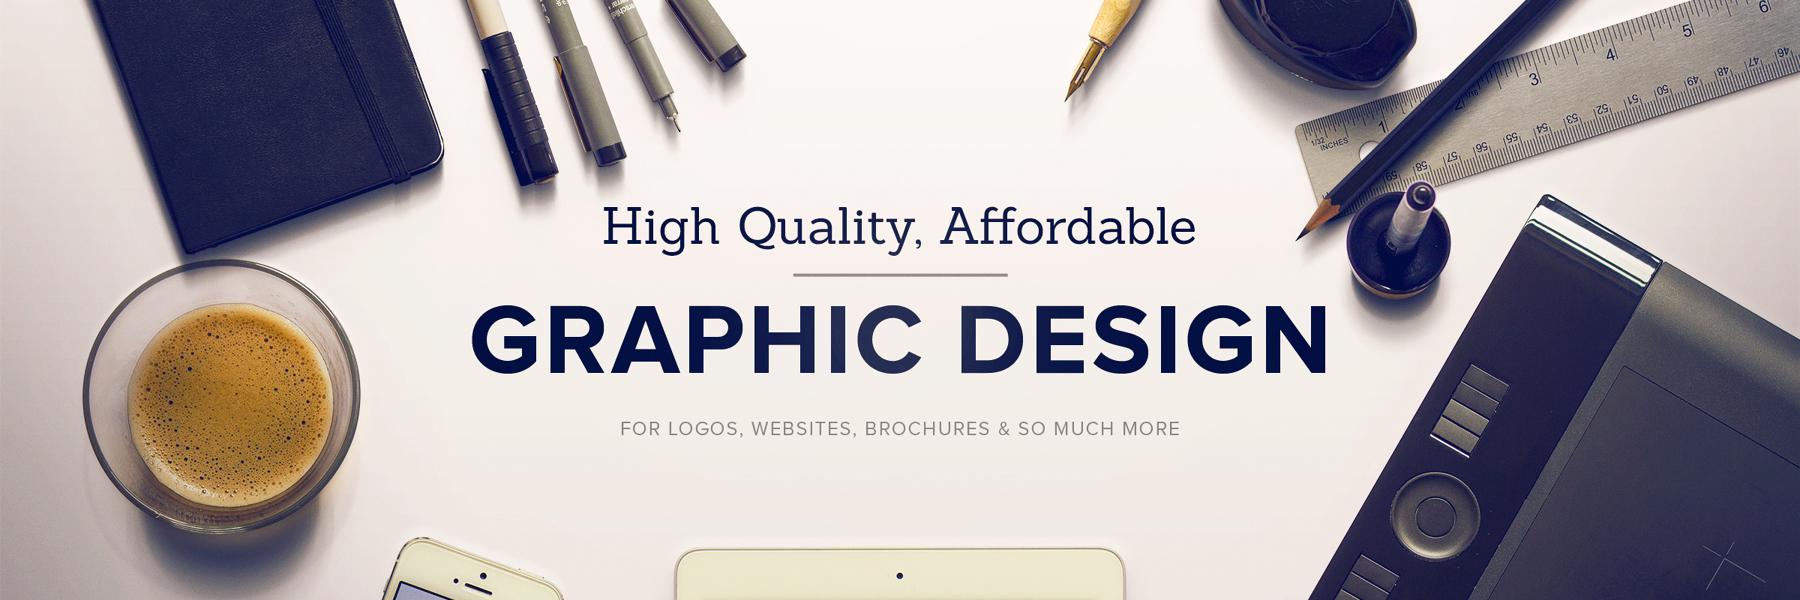 27052014110123amGujrat_franchise_web_design_banner.jpg